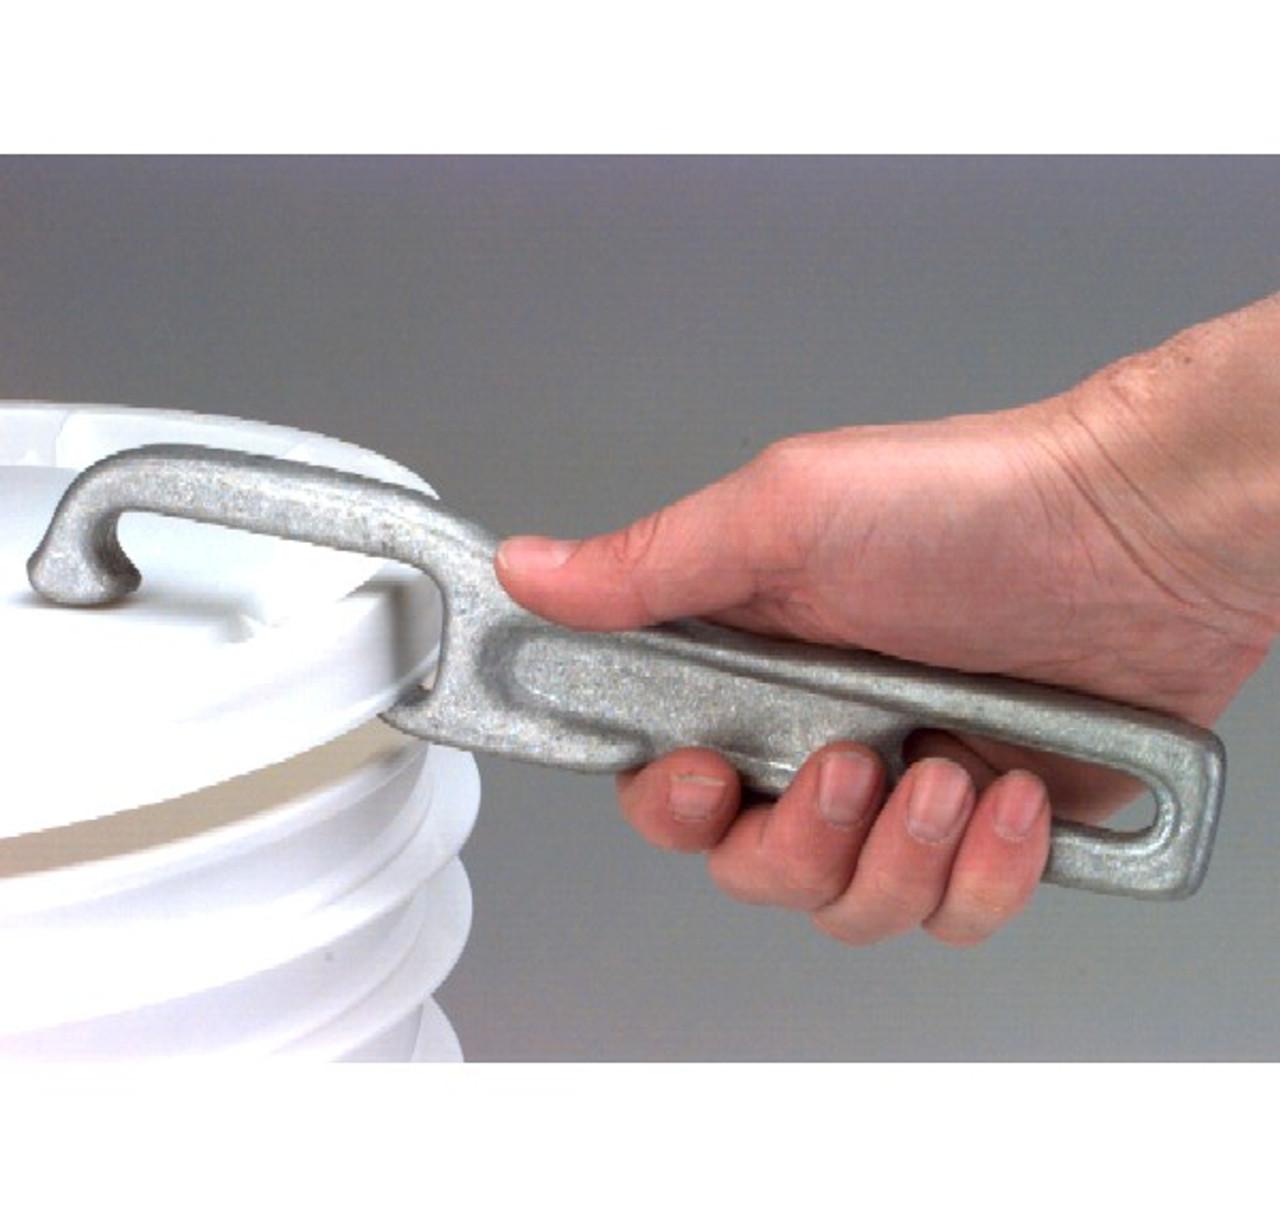 Aluminum Bucket Lid Lifter - Makes Lid Lifting EASY!